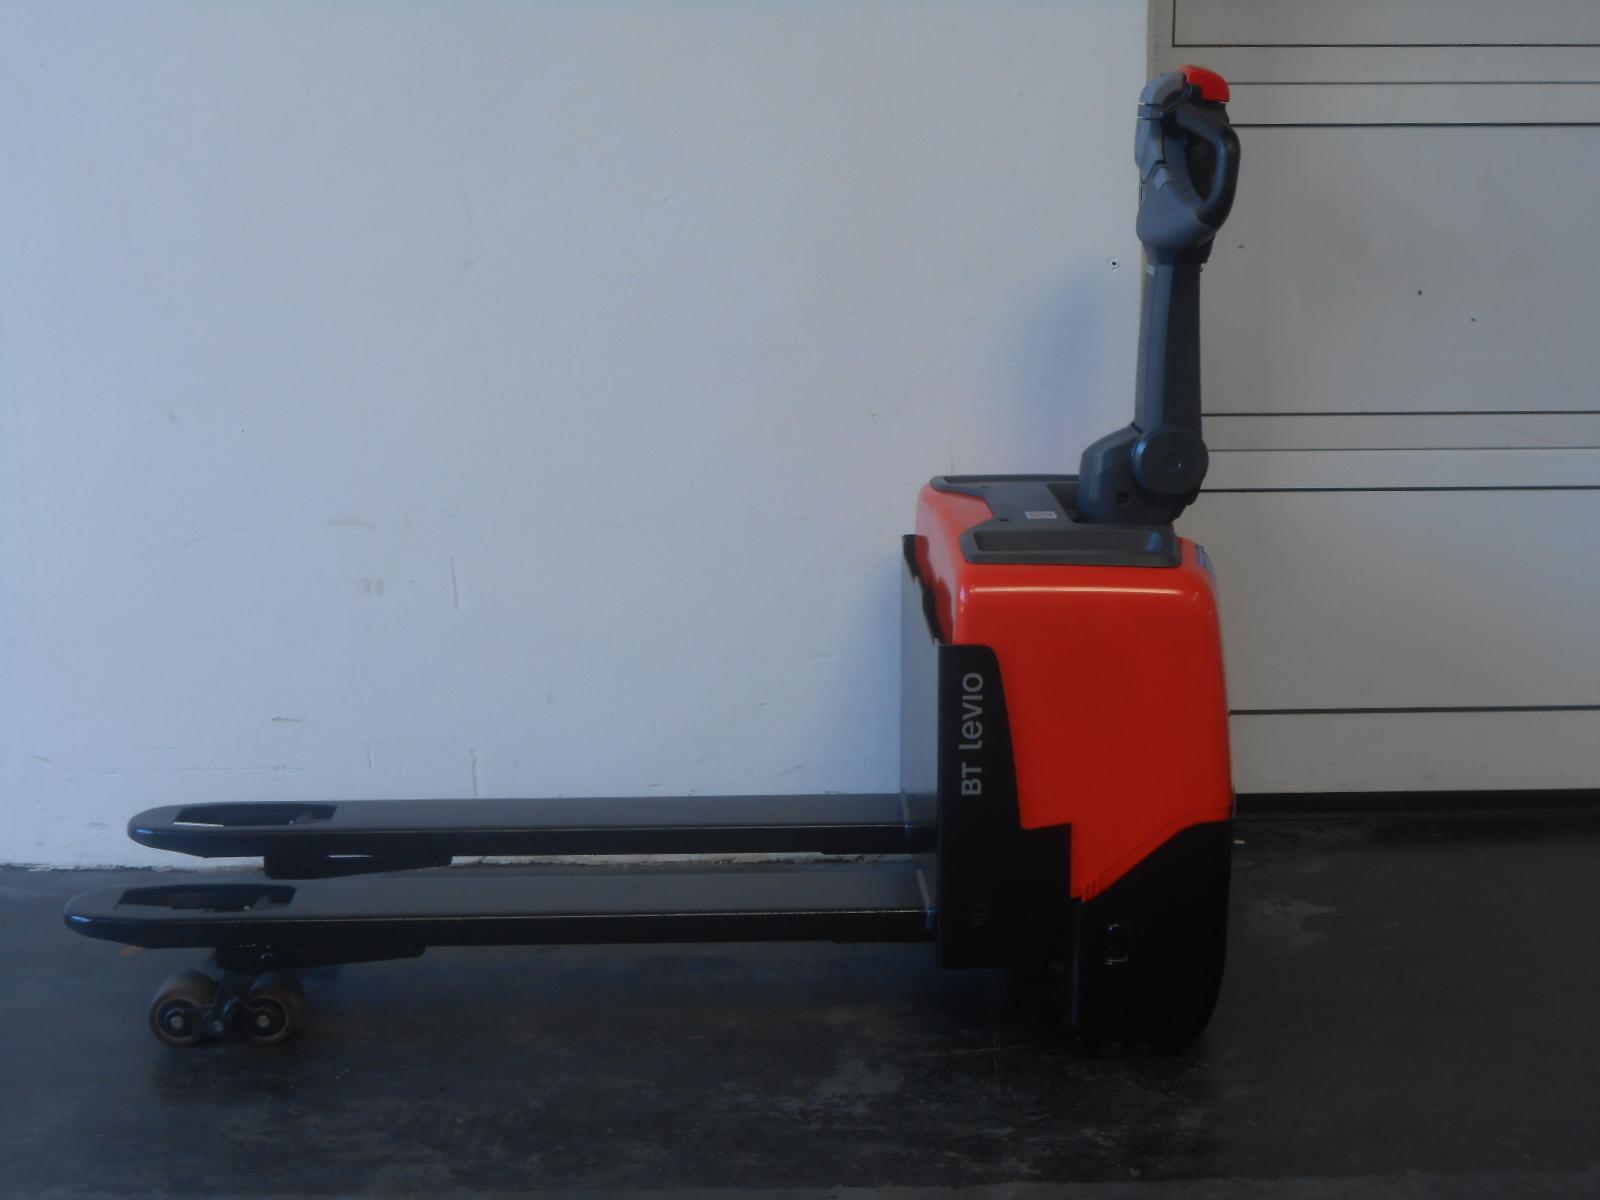 Toyota-Gabelstapler-59840 1804039867 1 90